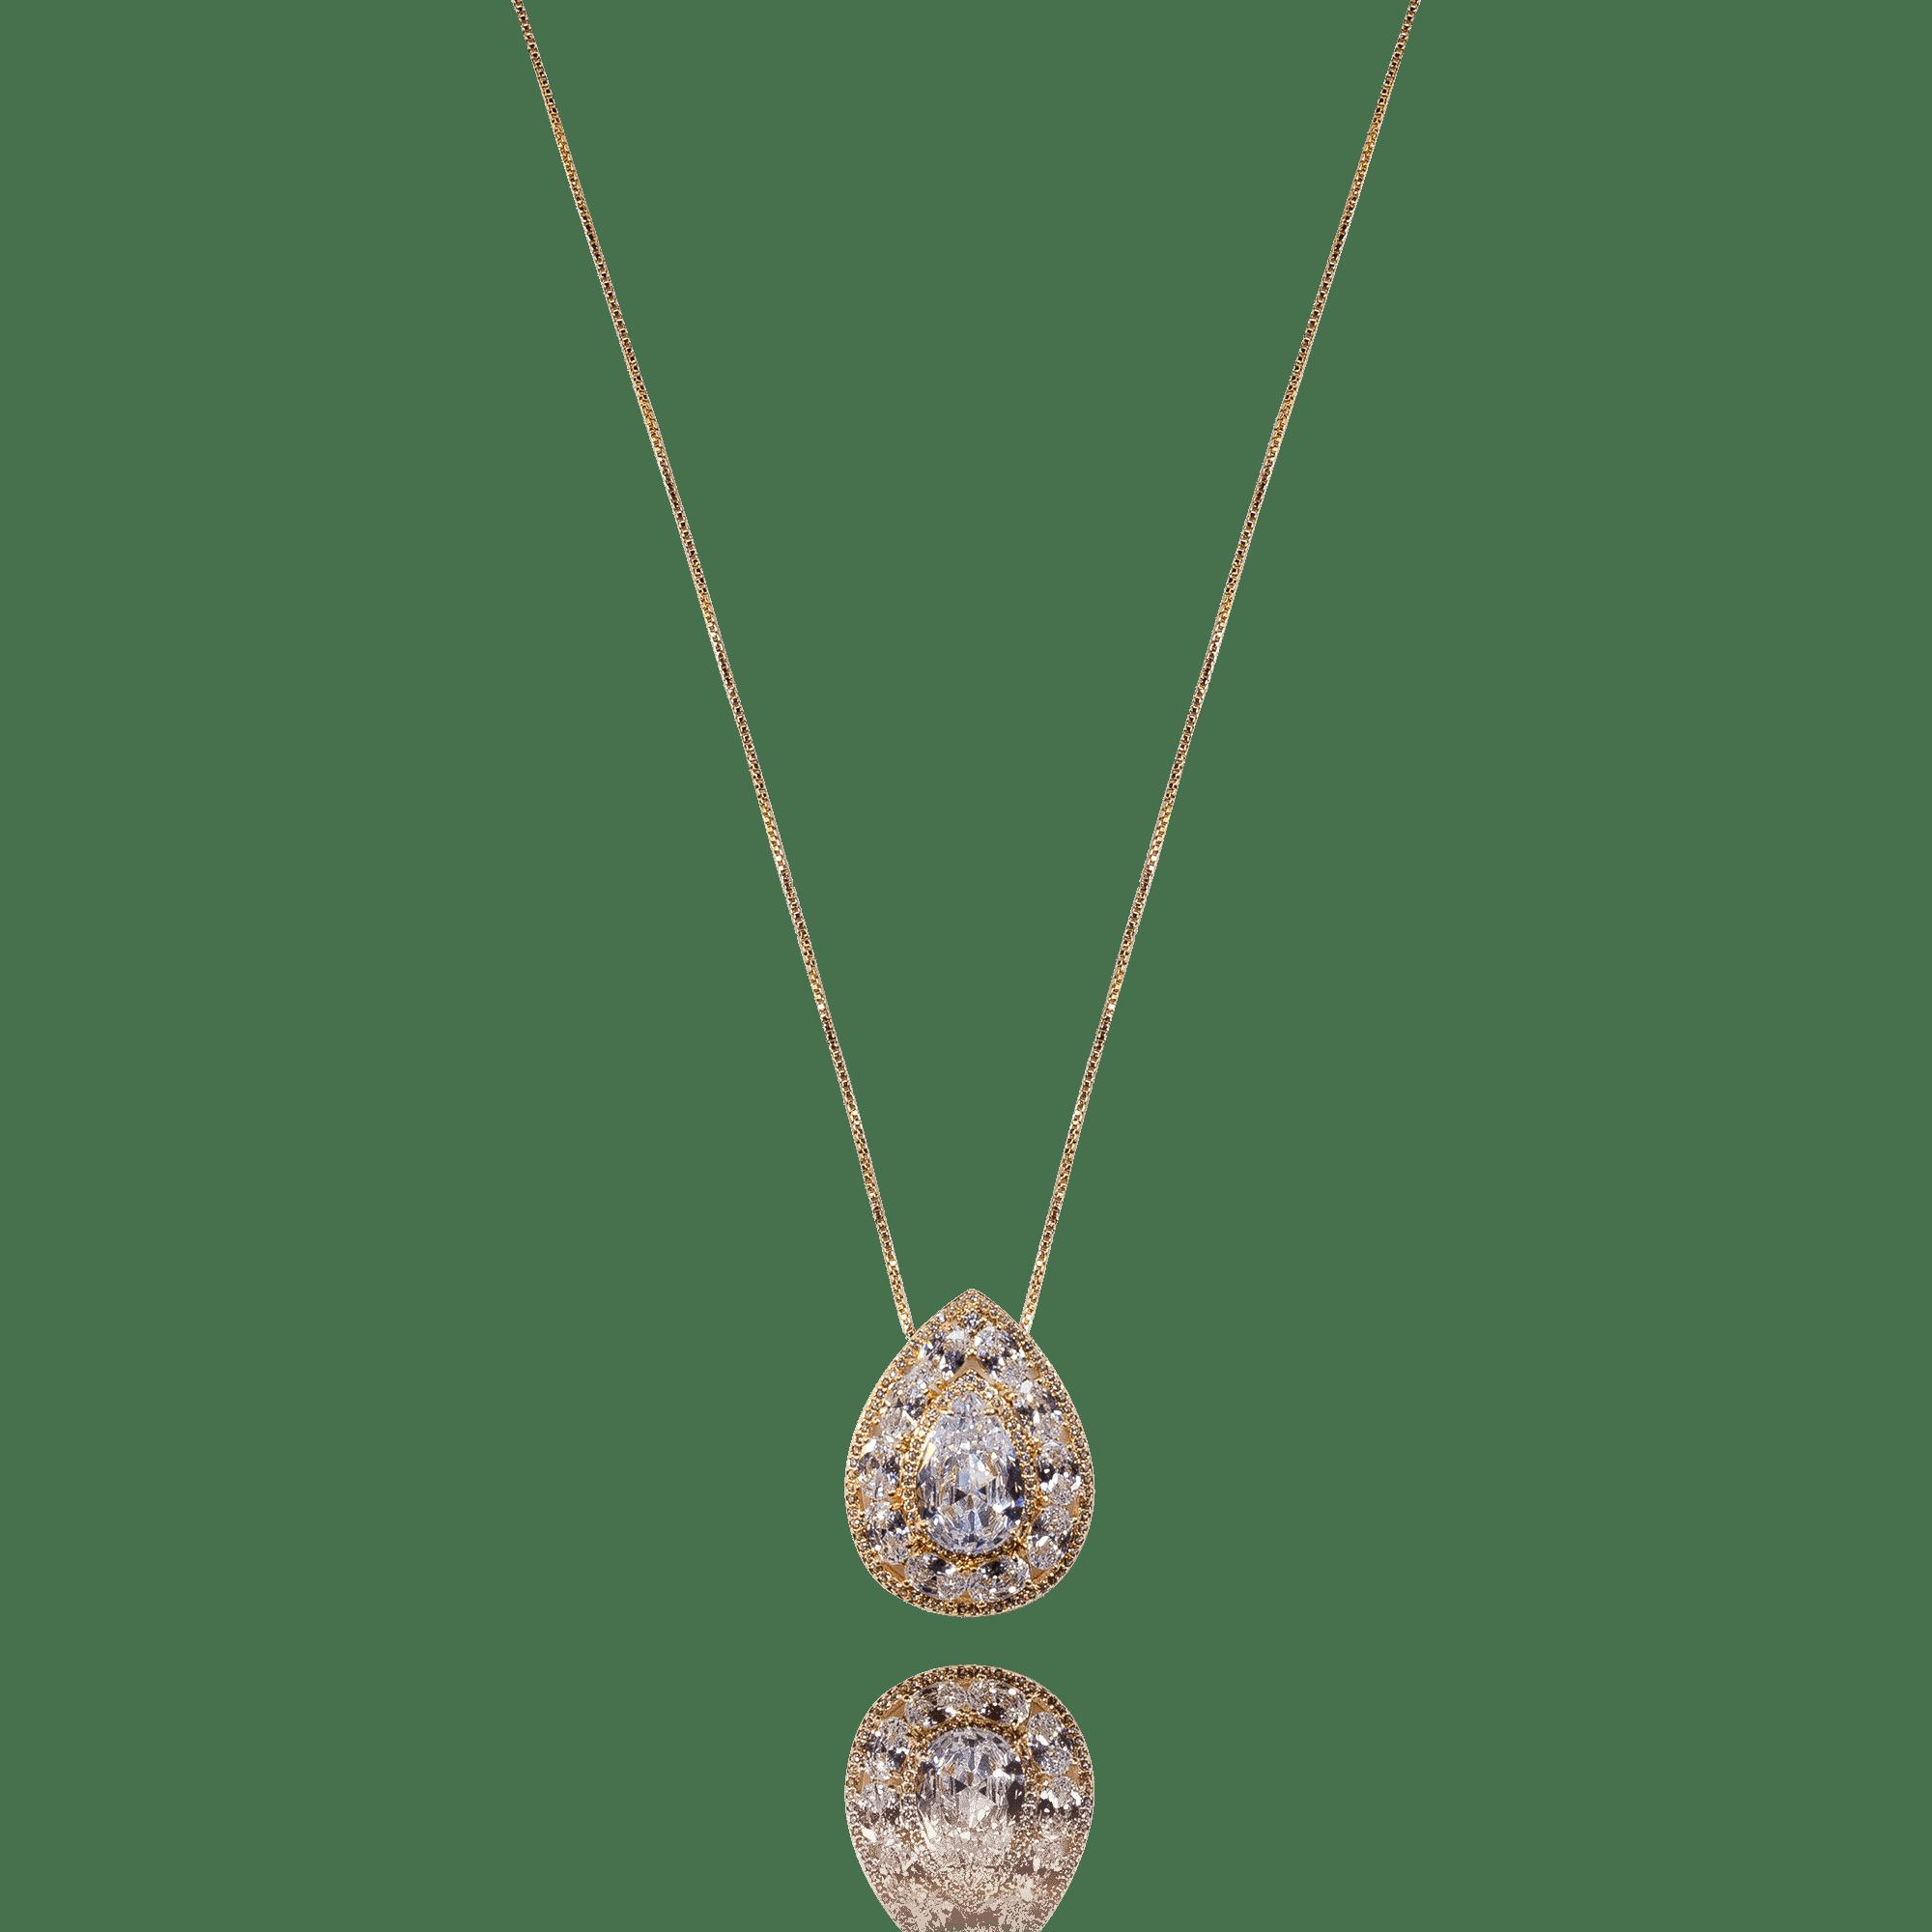 Colar Pingente Dourado Gota Cristal com Zircônias